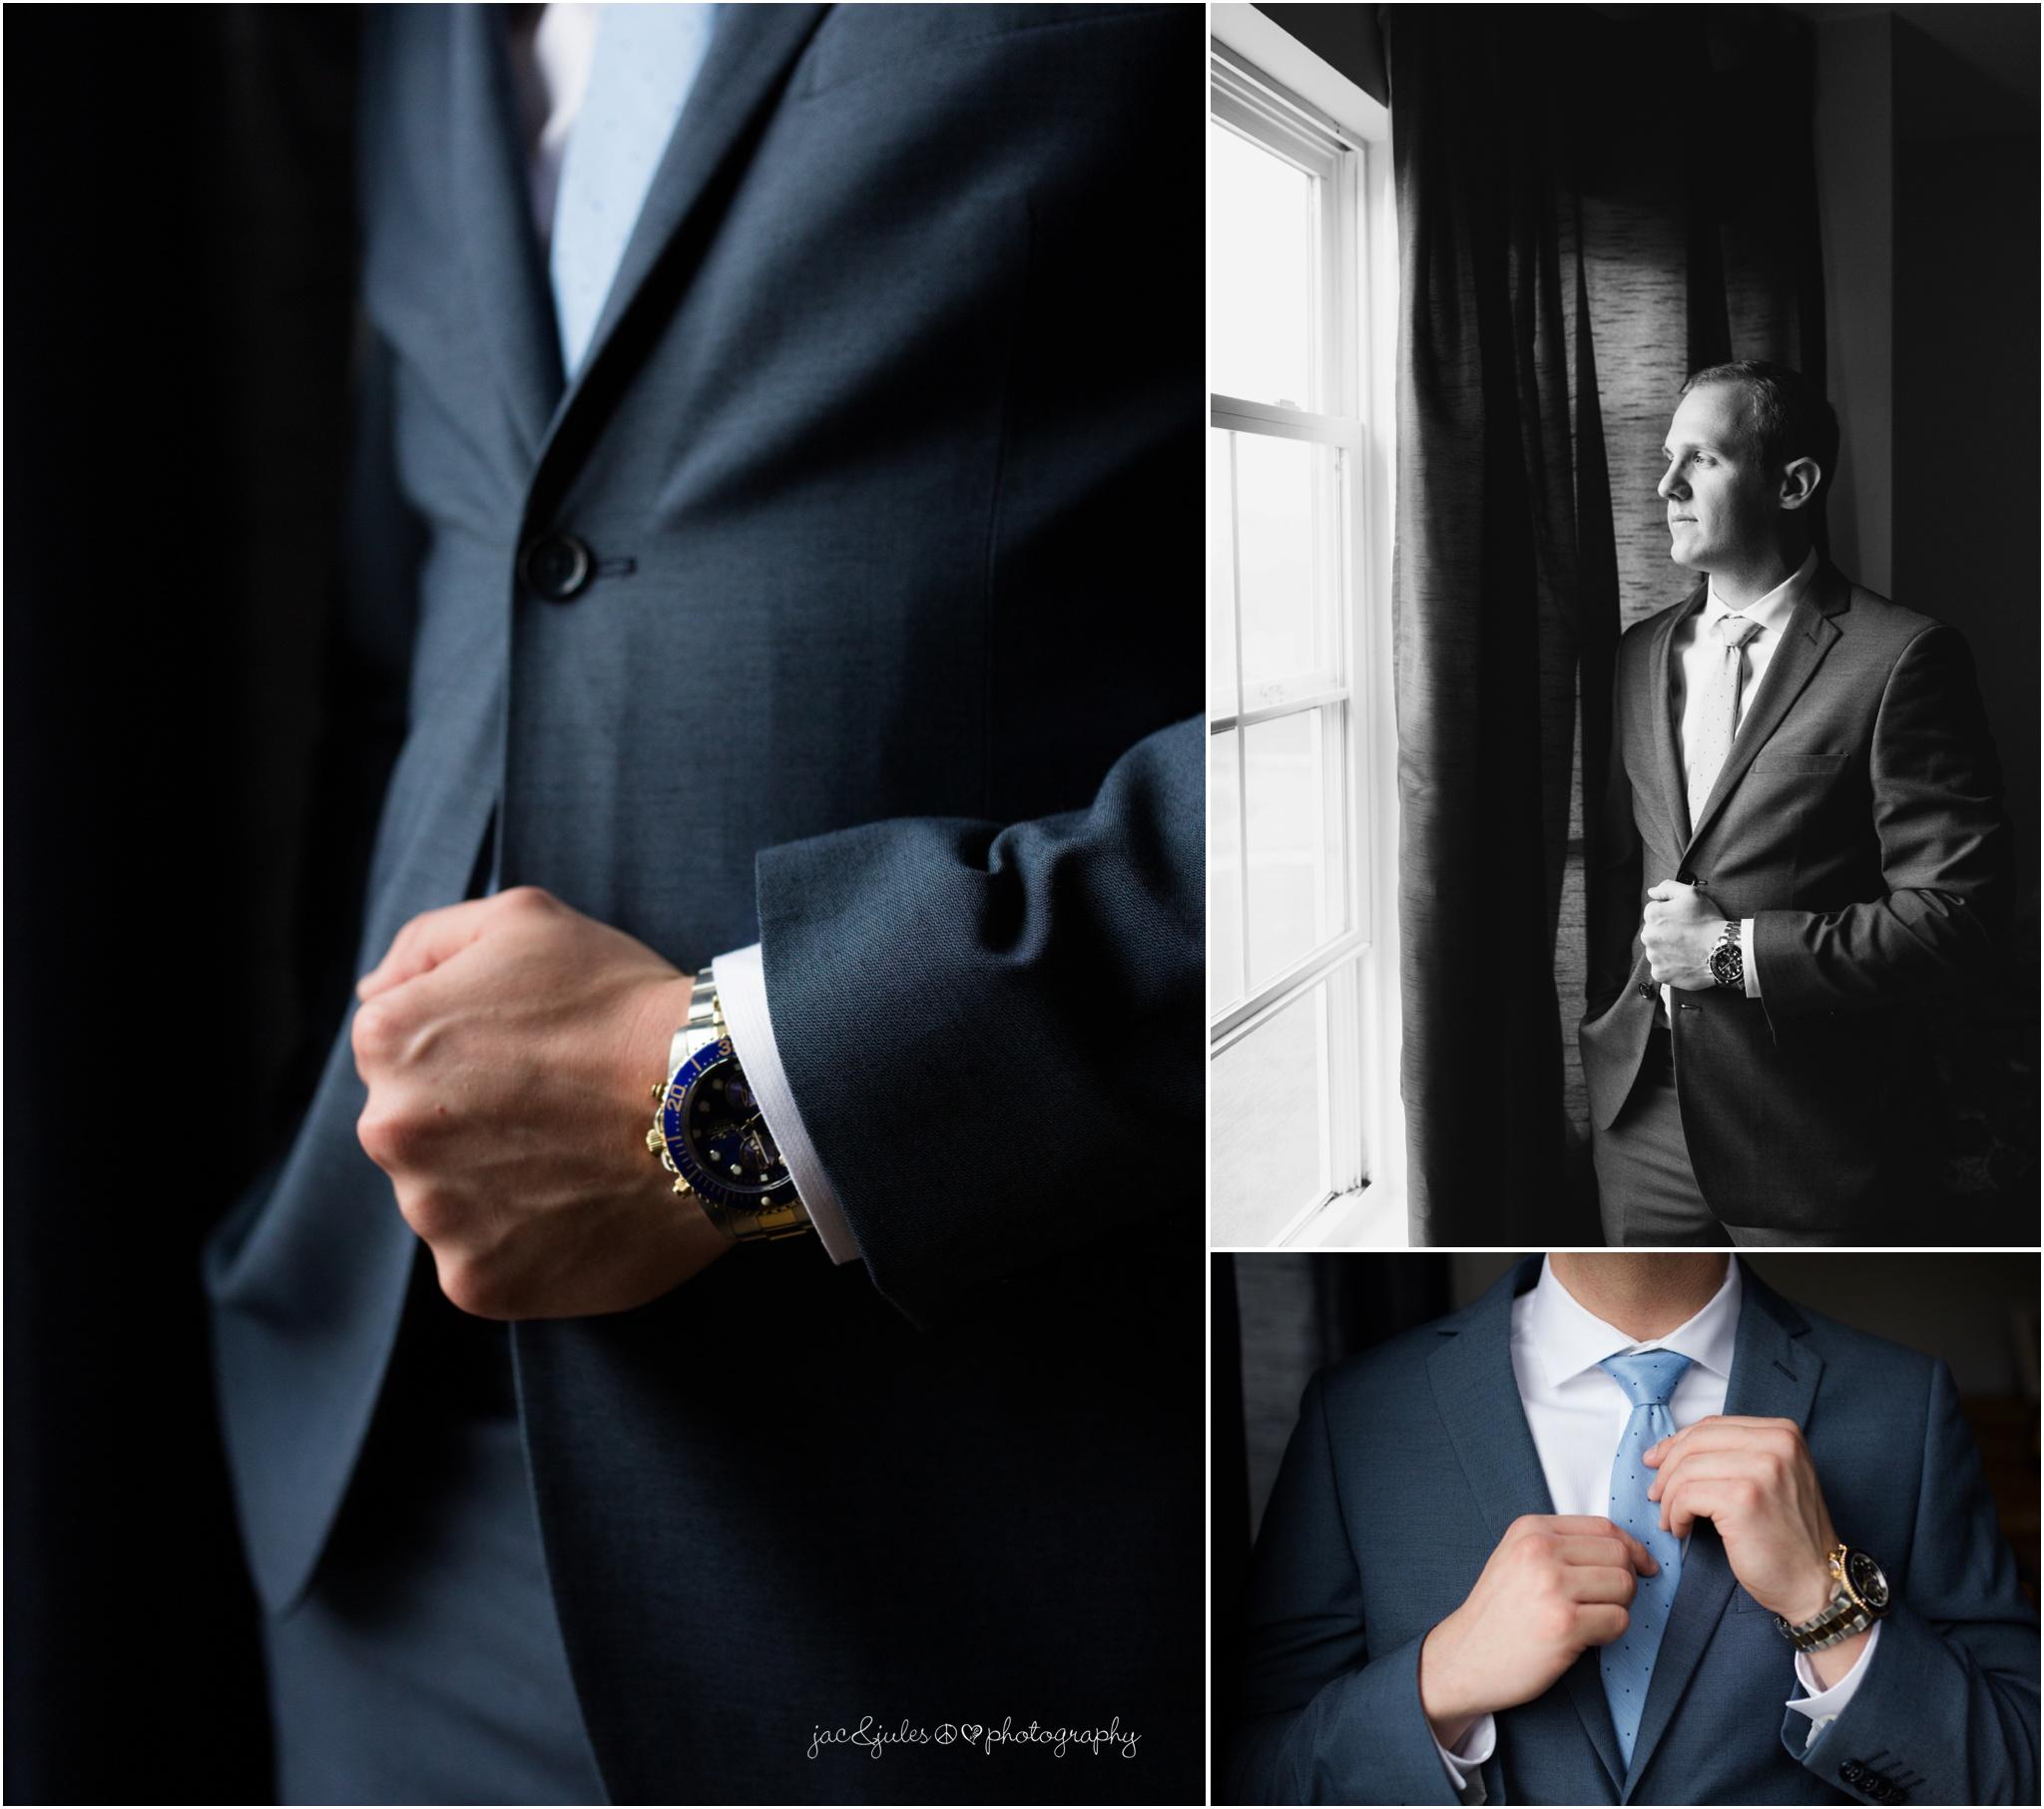 groom details in moody side lighting